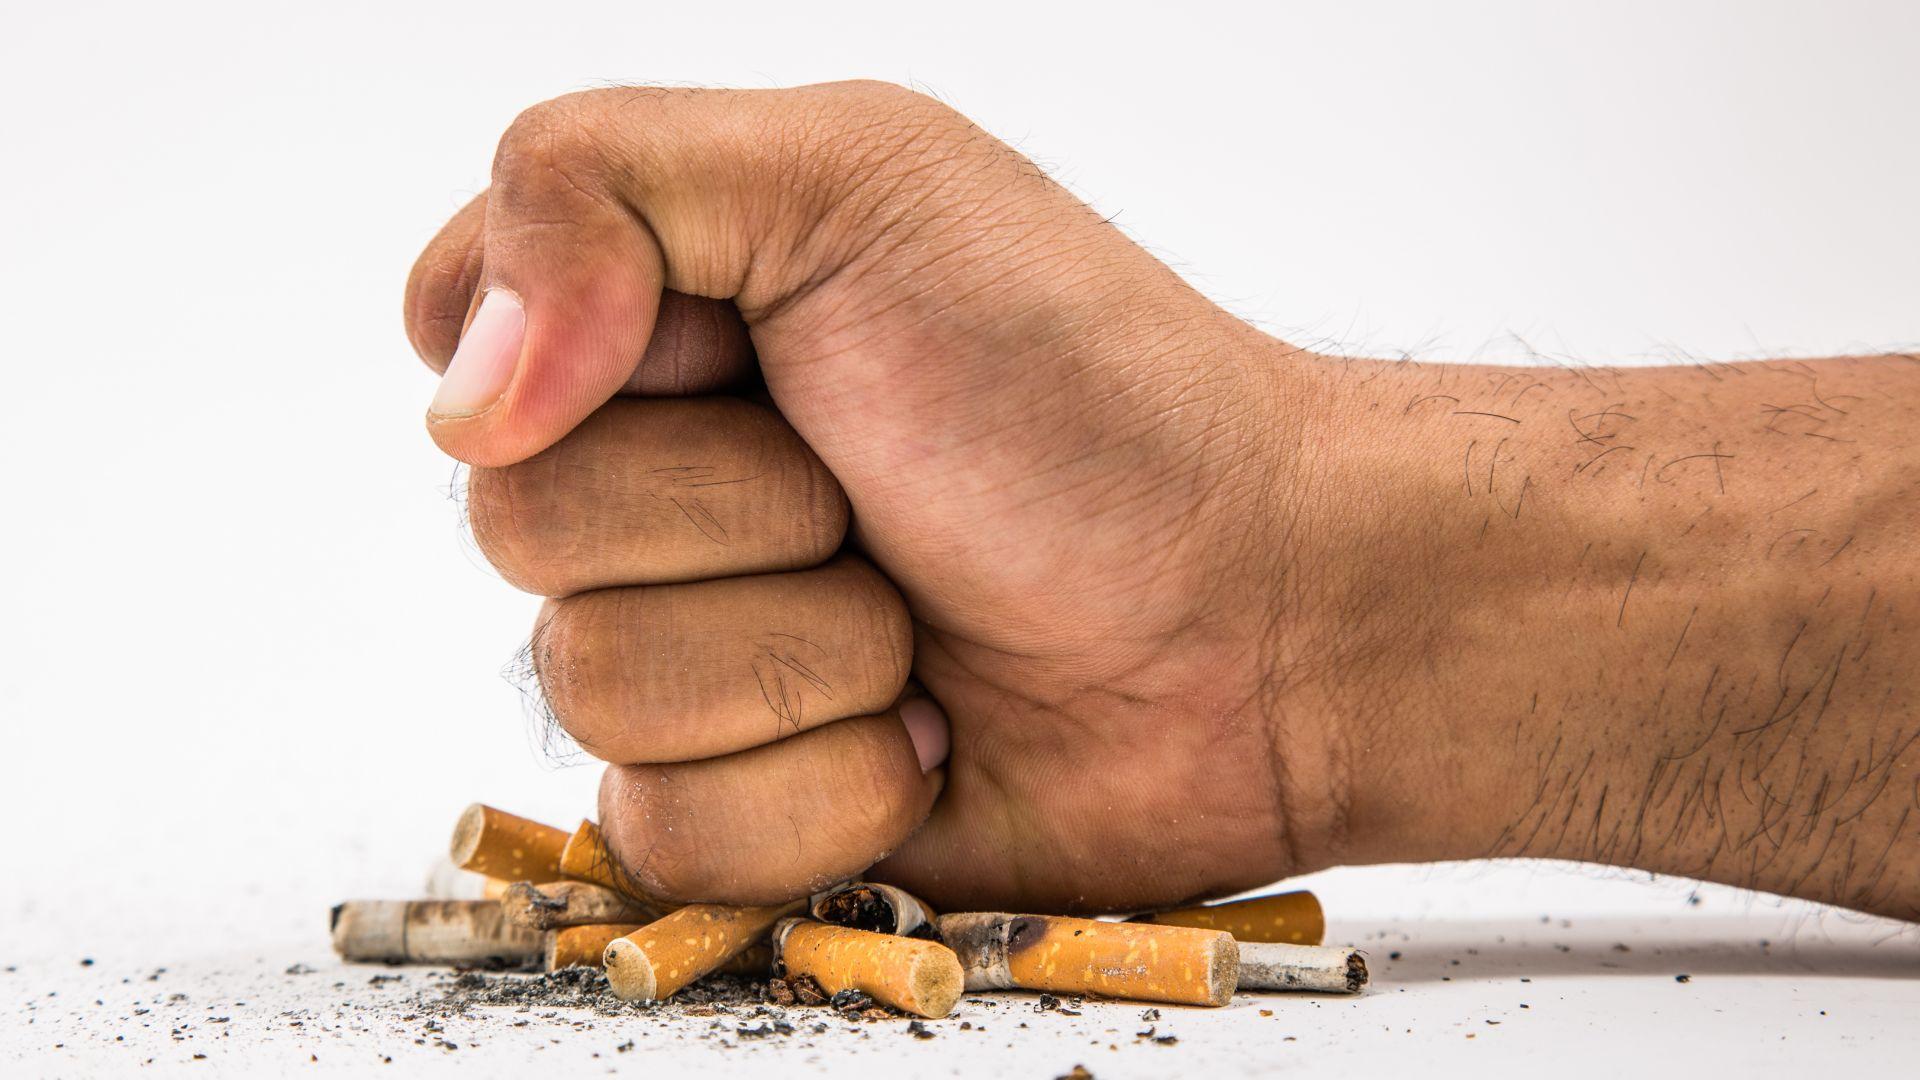 В Гърция започва акция срещу пушачите